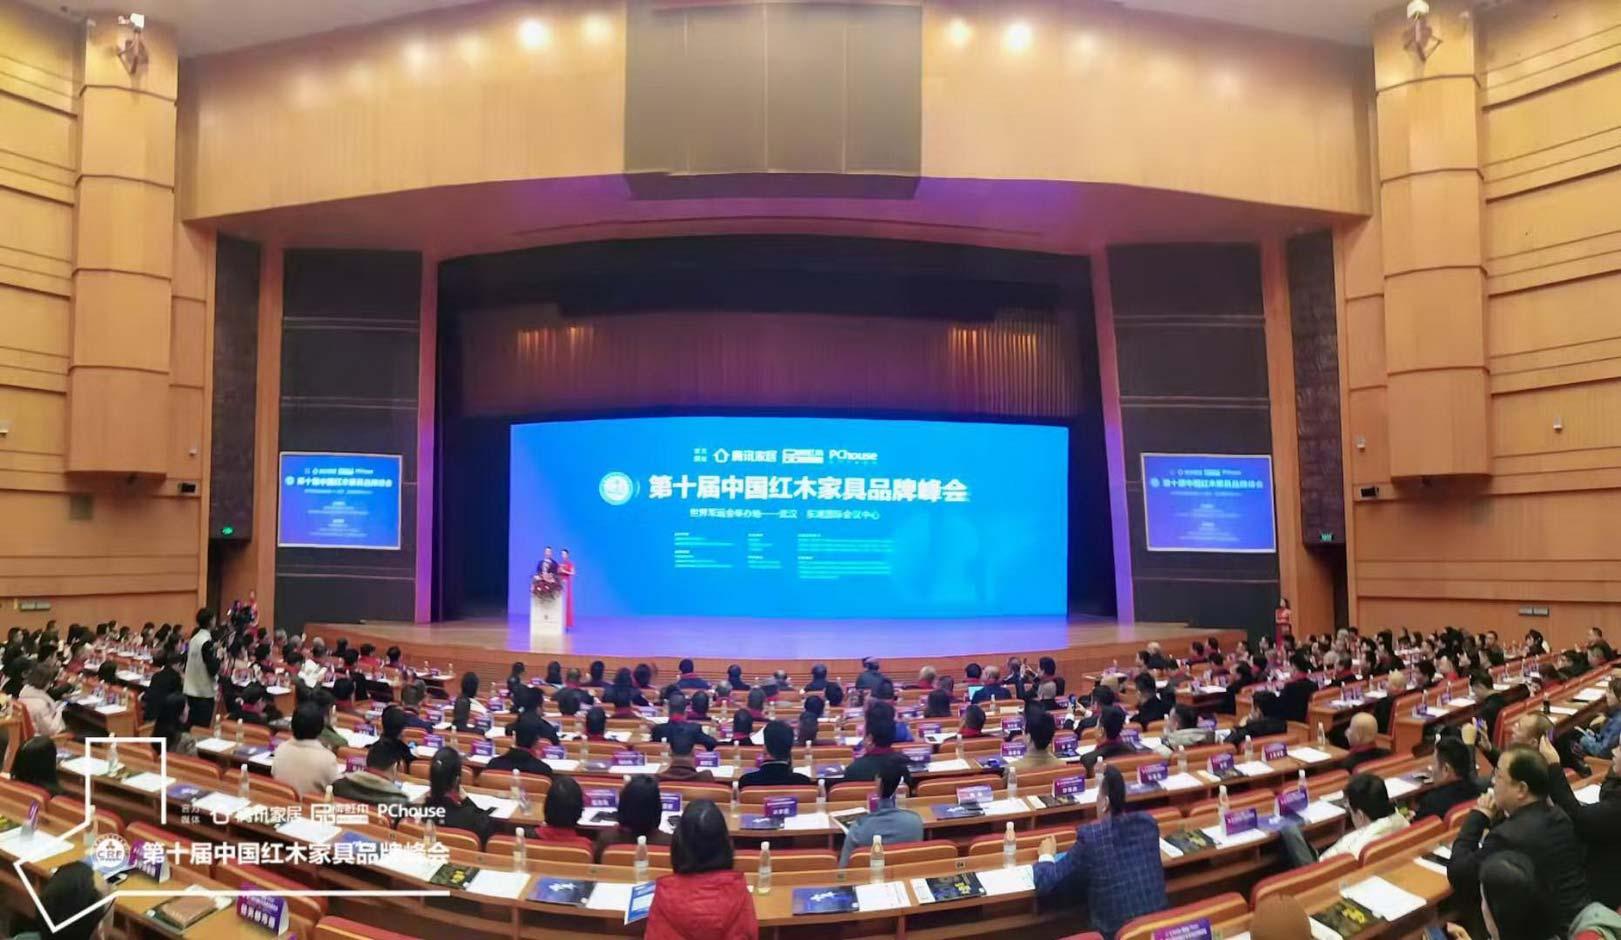 第十届中国红木家具品牌峰会在世界军运会举办地—武汉·东湖国际会议中心盛大举行